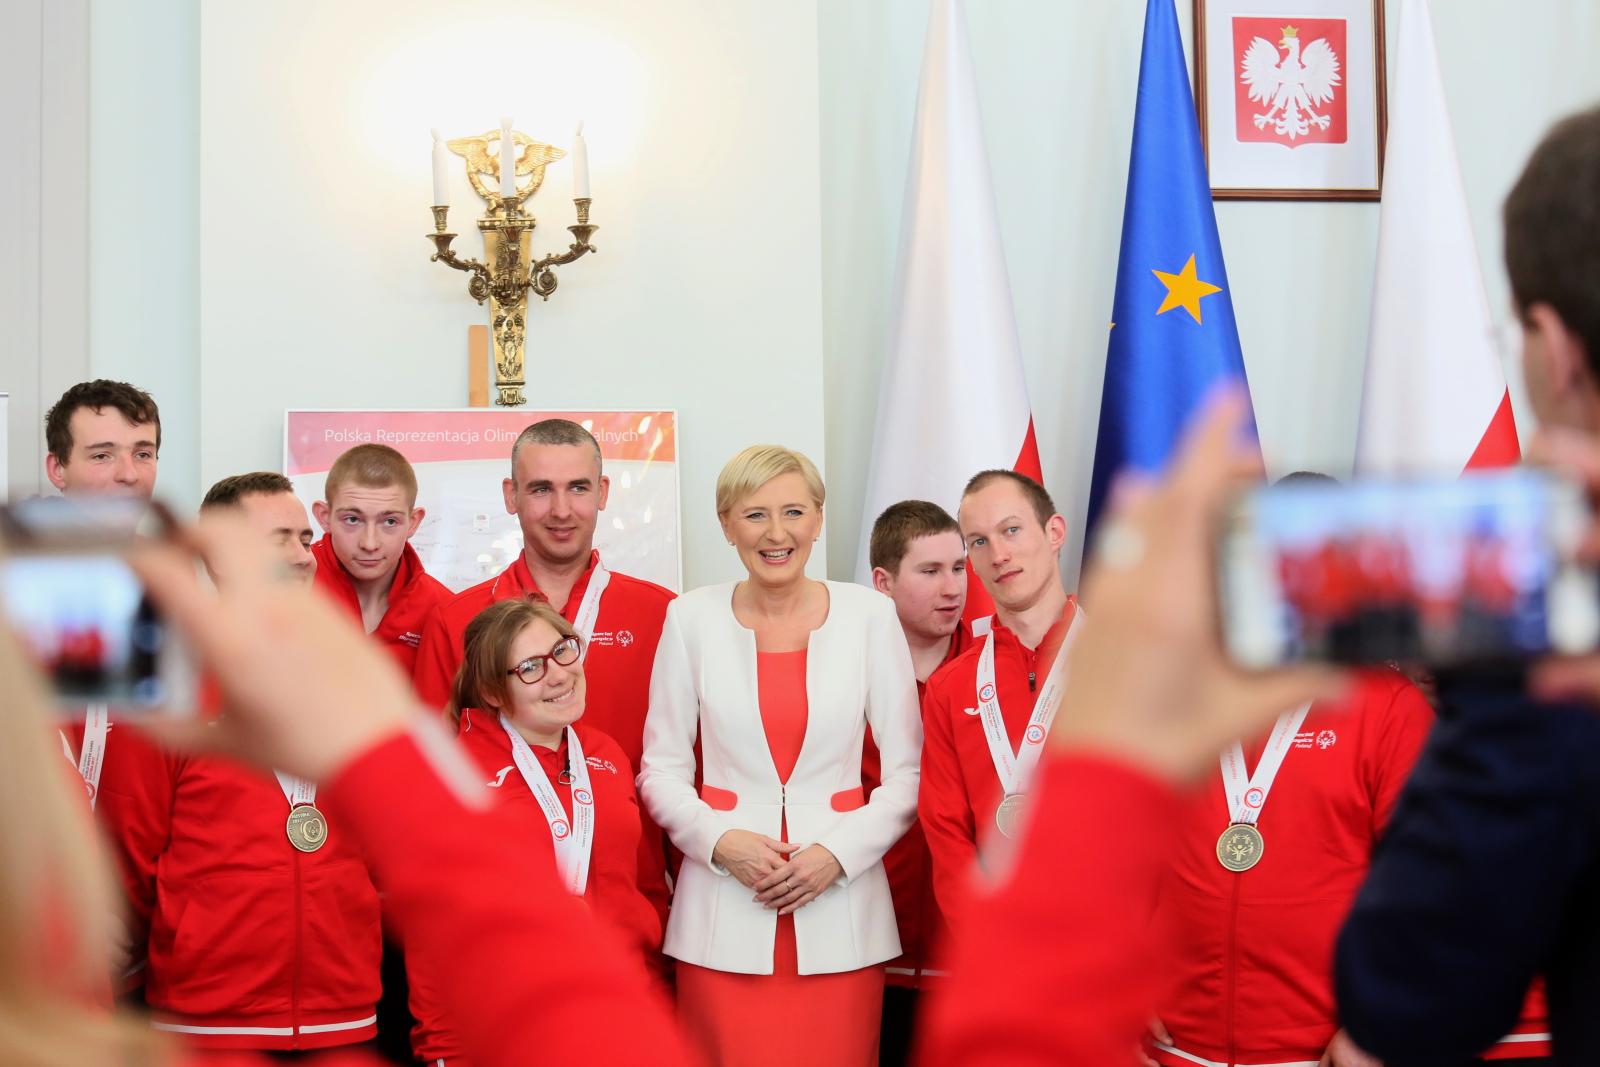 Pierwsza dama Agata Kornhauser-Duda podczas spotkania z członkami polskiej reprezentacji Światowych Zimowych Igrzysk Olimpiad Specjalnych Fot. PAP/Leszek Szymański